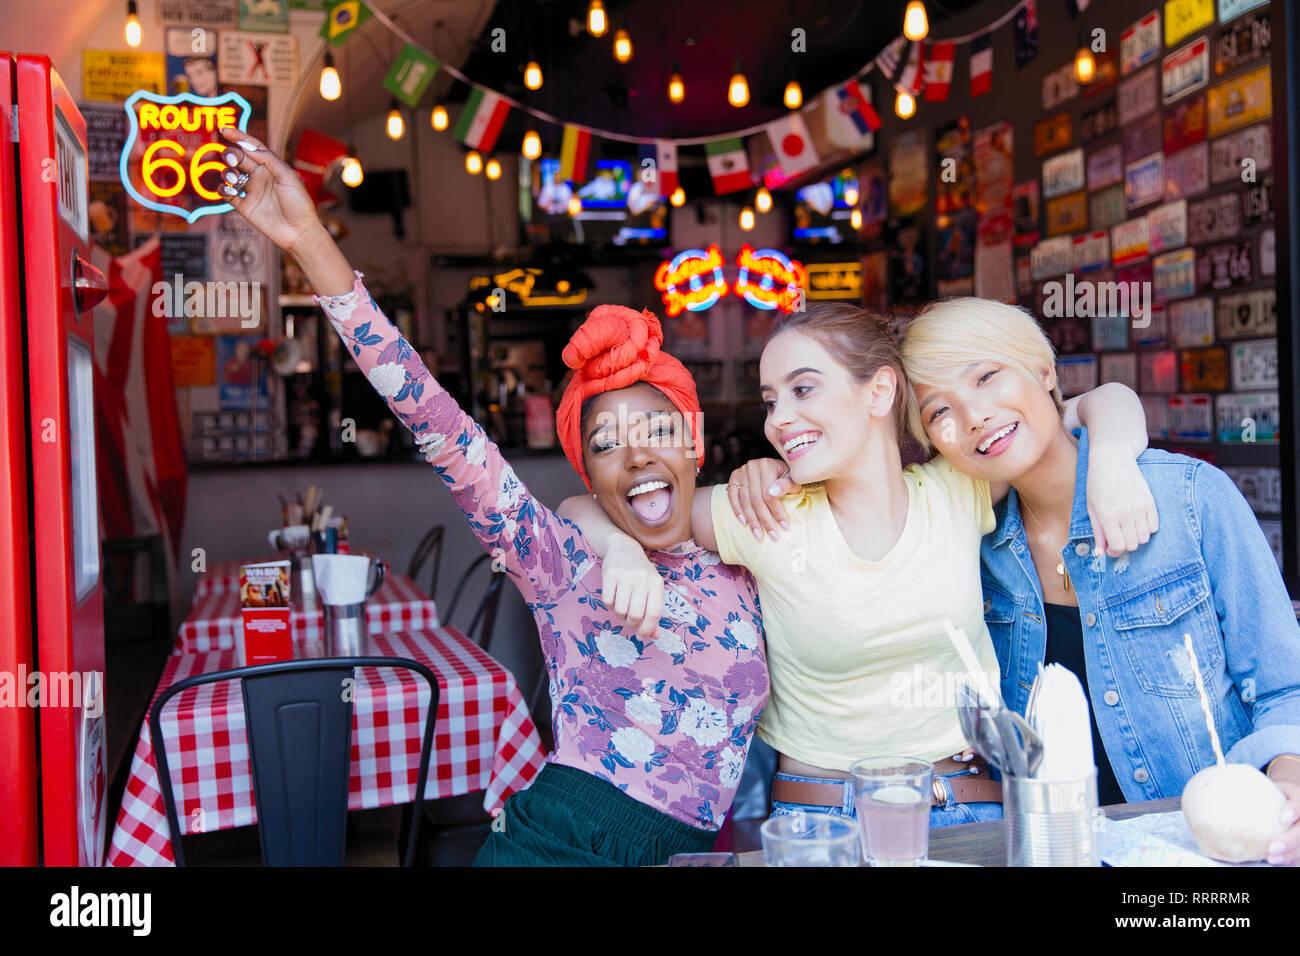 Portrait ausgelassenen jungen Frauen, die Freunde an der Bar Stockbild